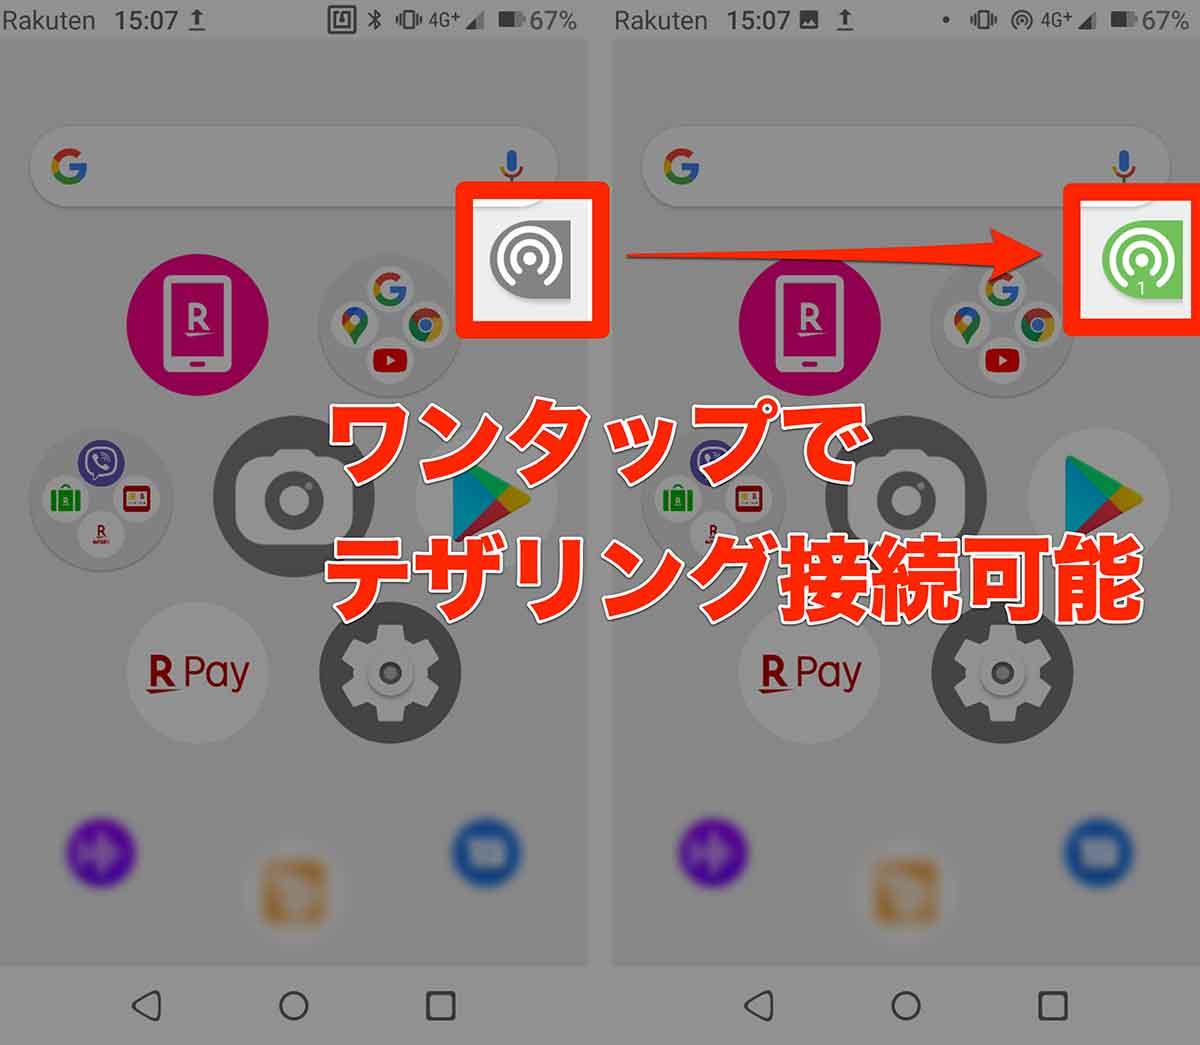 Rakuten Miniのテザリング接続ボタン